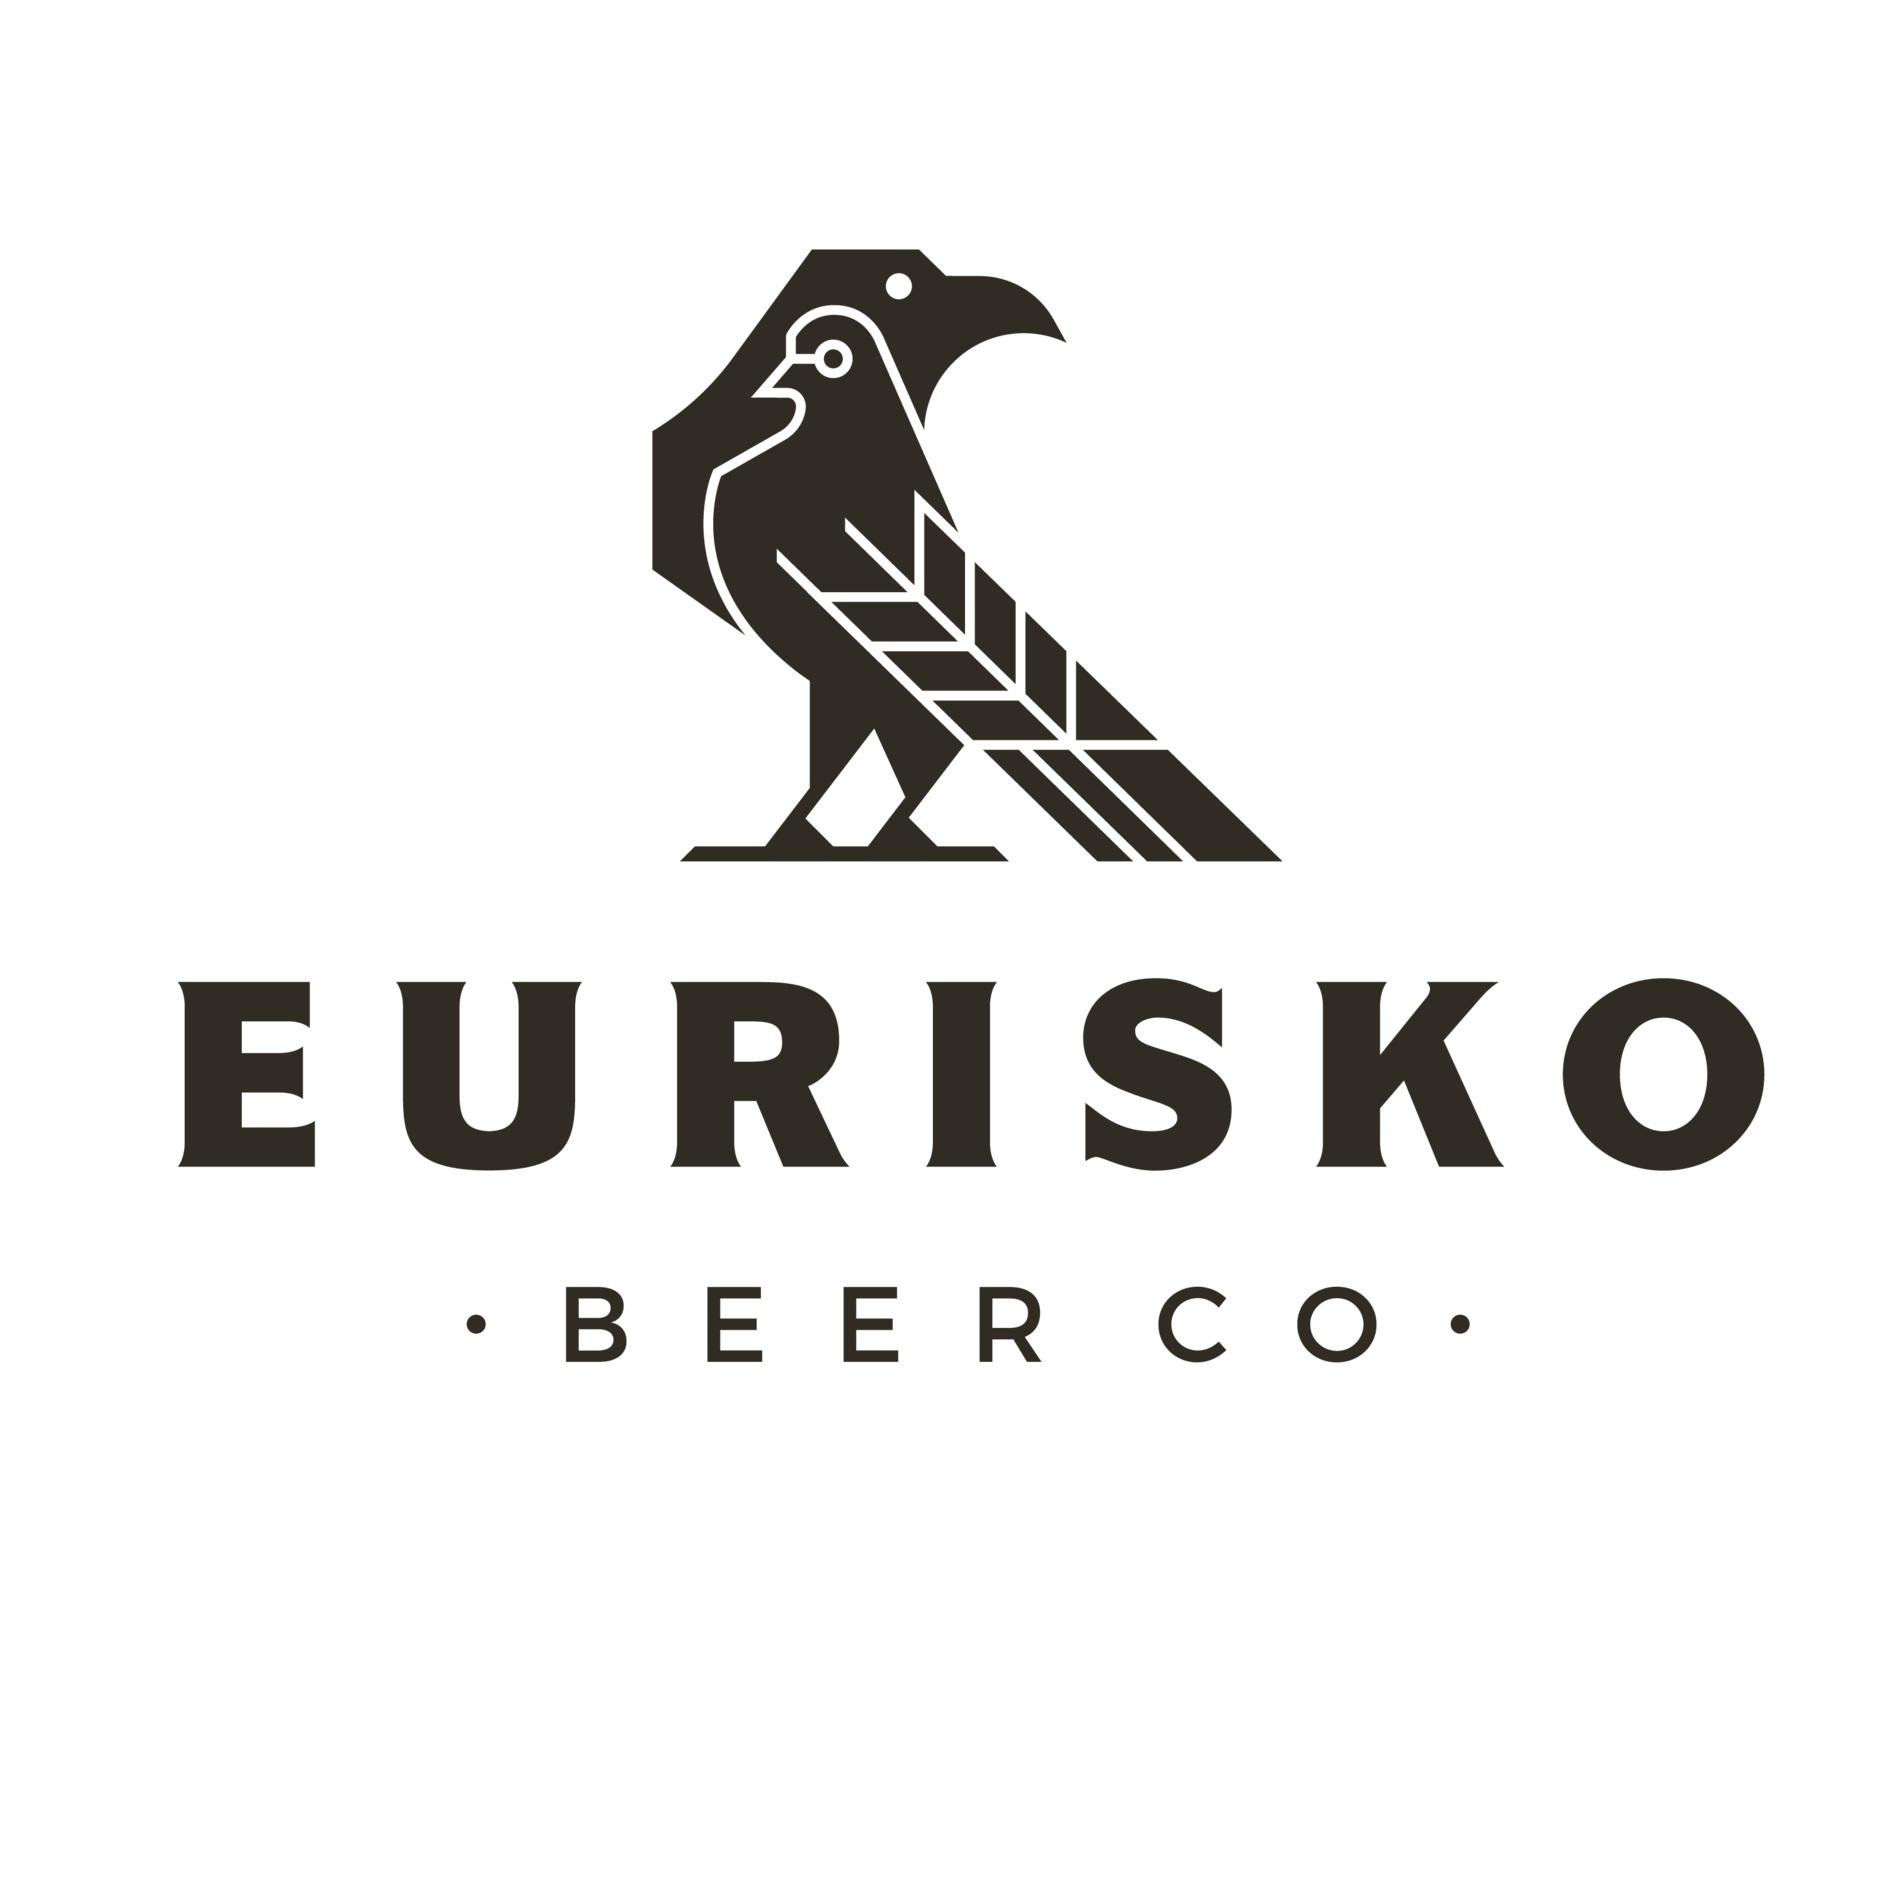 Eurisko-01.jpg